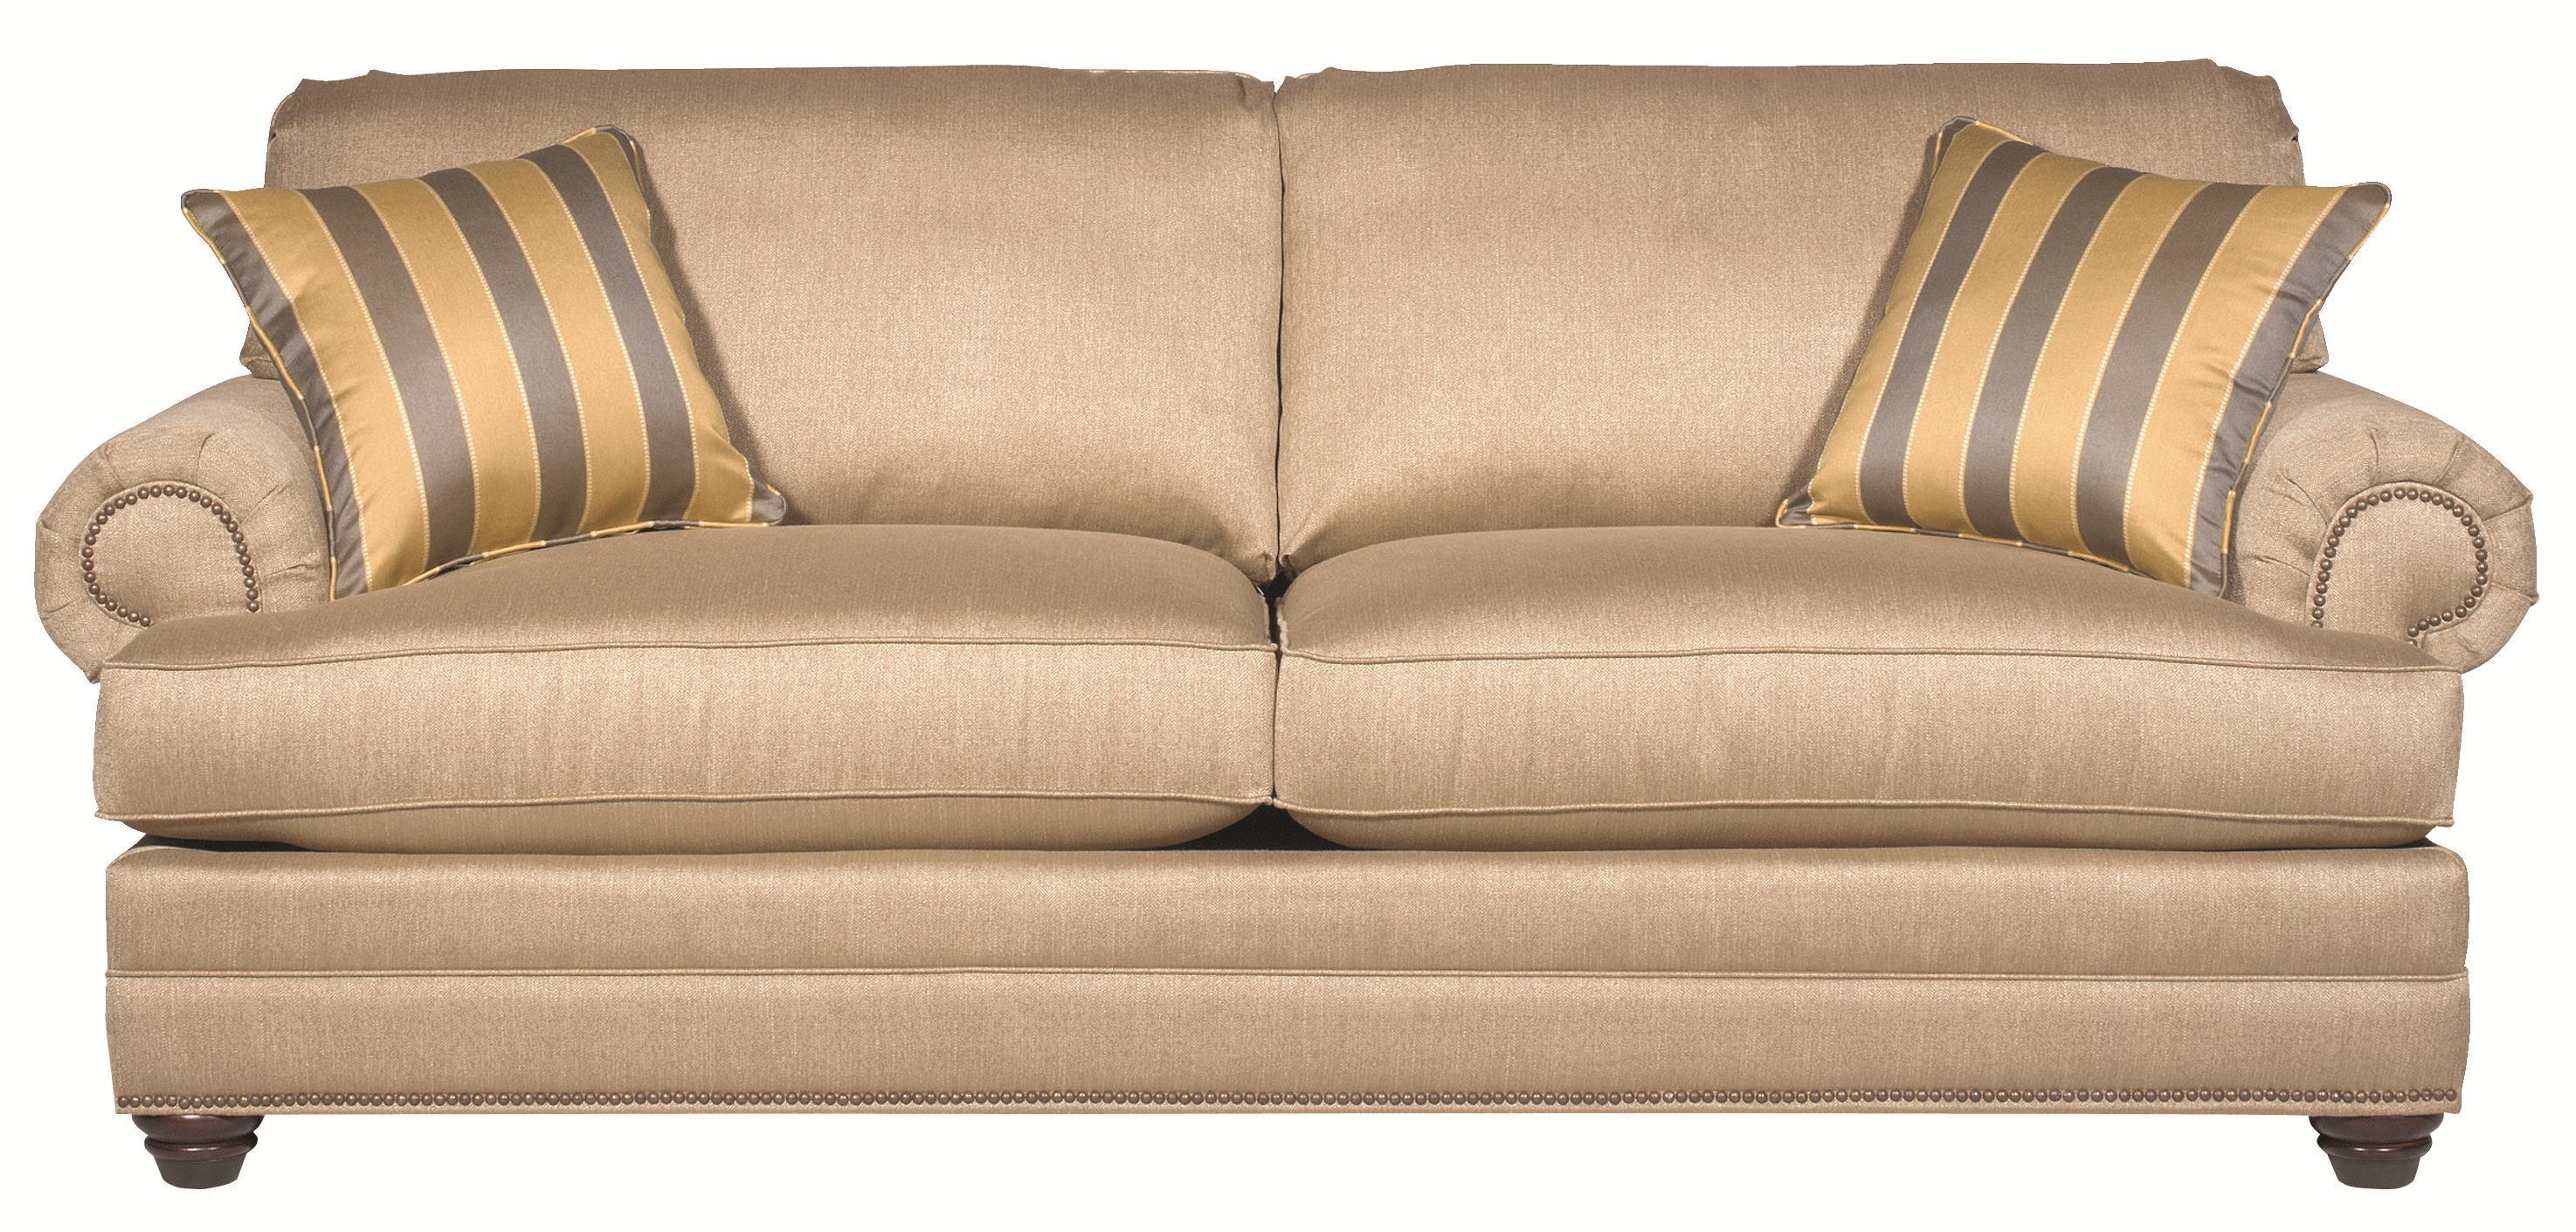 Bassett Custom Upholstery - Estate <b>Custom</b> Sofa - Item Number: 6000-62T